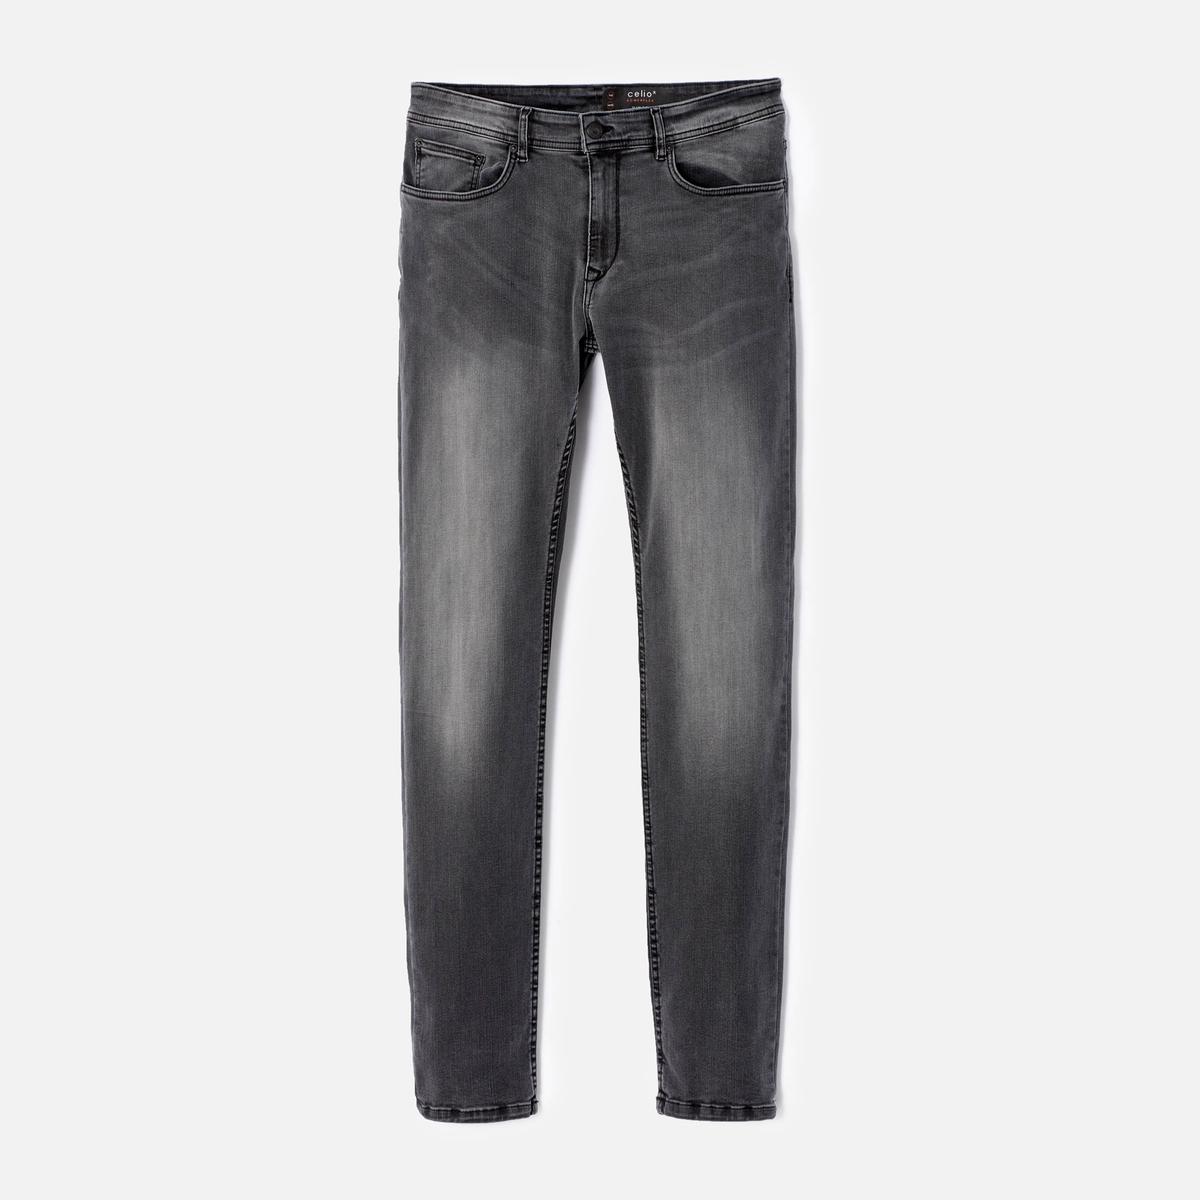 Джинсы узкие Powerflex® AFOWIS из денима стретч, длина. 34 джинсы расклешенные длина 34